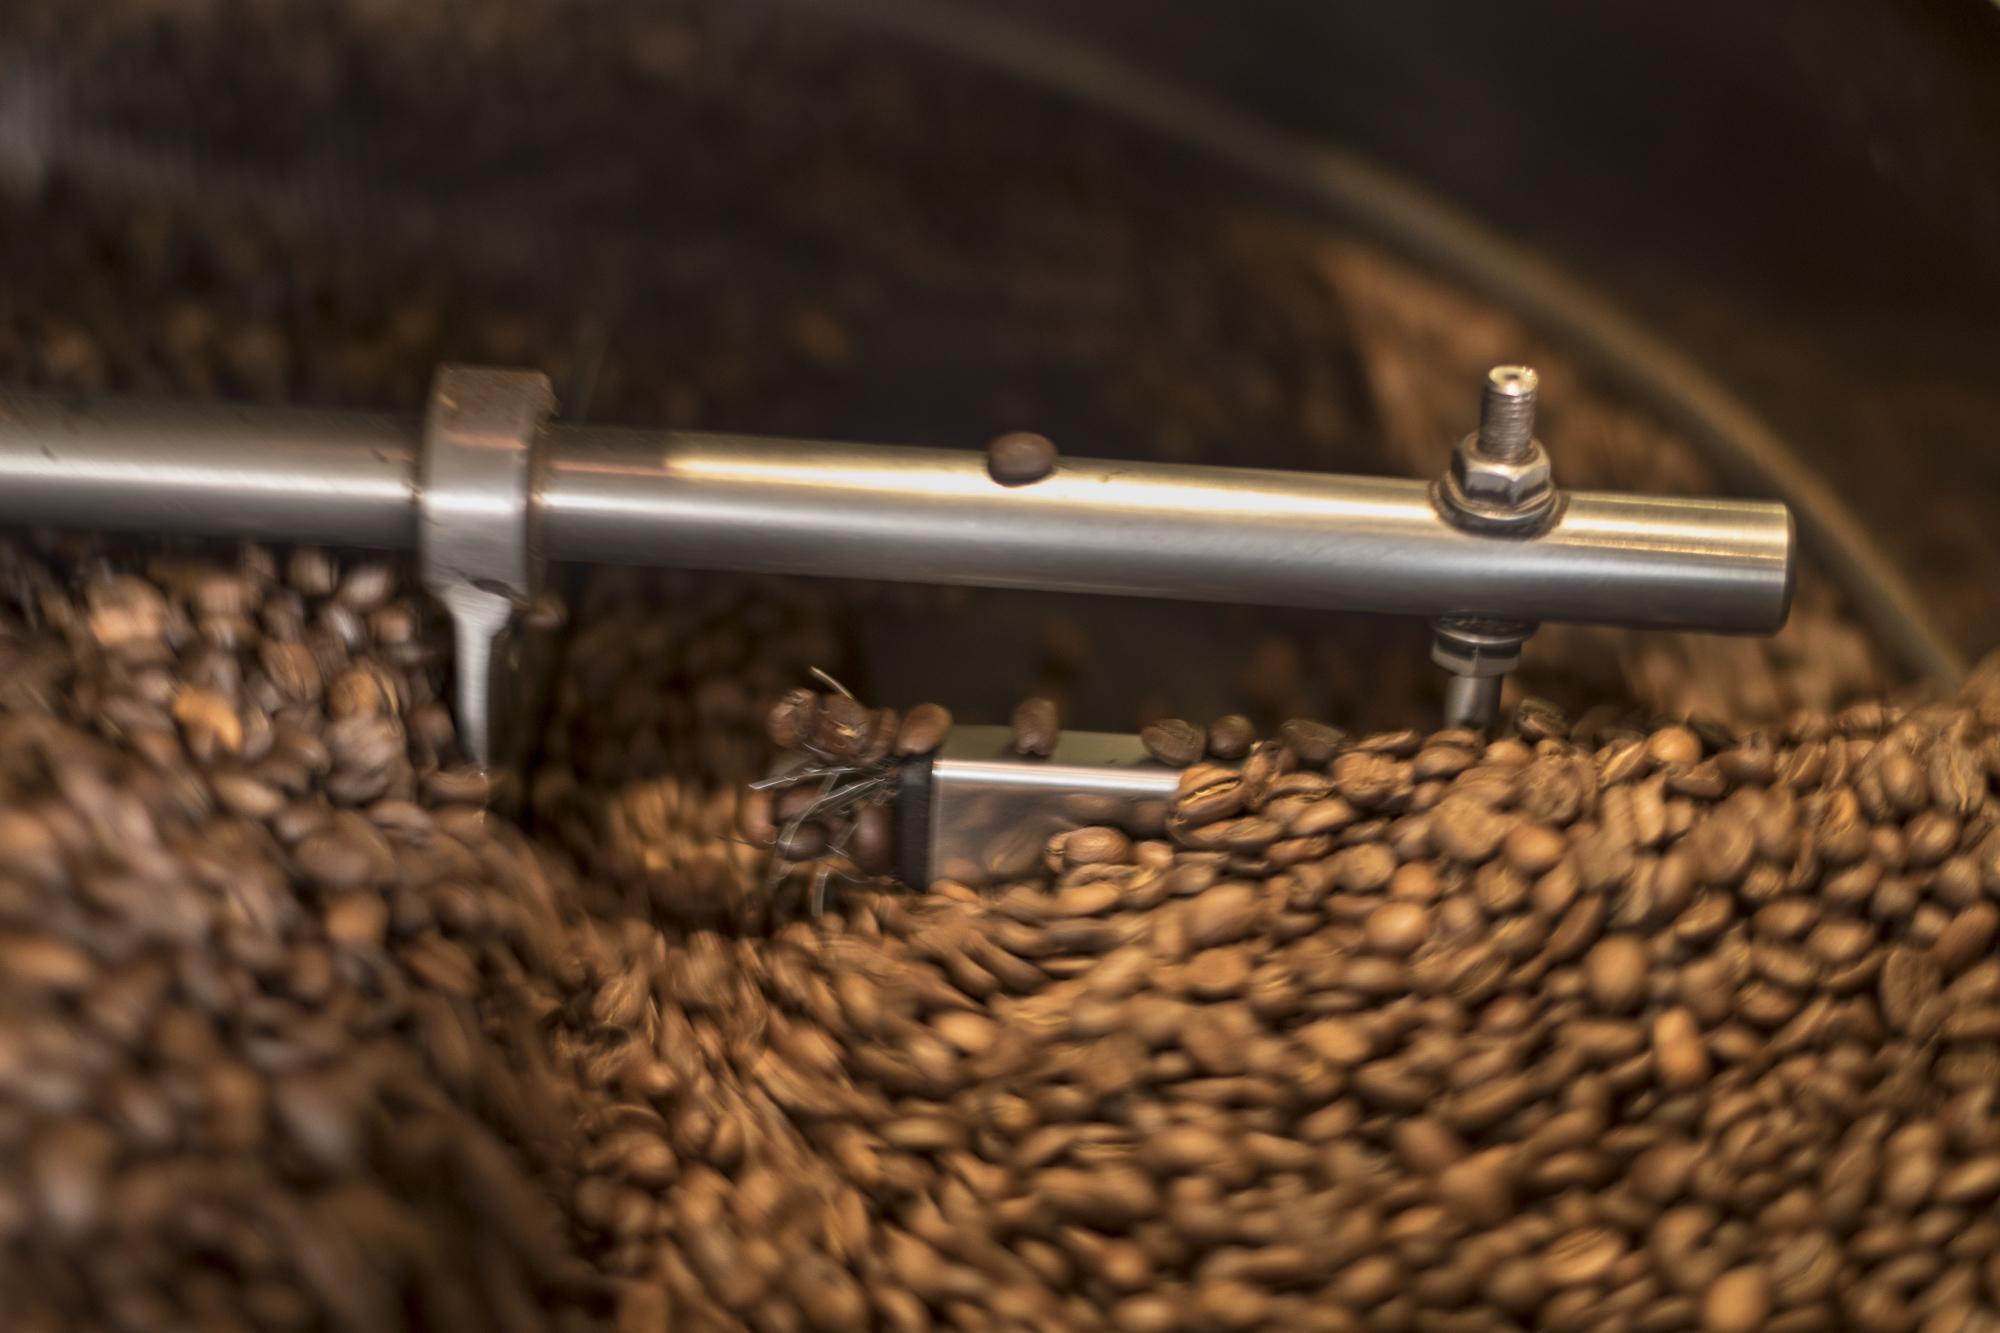 Aouba CafÉ  PHOTOGRAPHY: ALEXANDER J.E. BRADLEY • NIKON D500 •AF-S Nikkor 50mm f/1.8G • F/1.8 • 1/30 • ISO 250